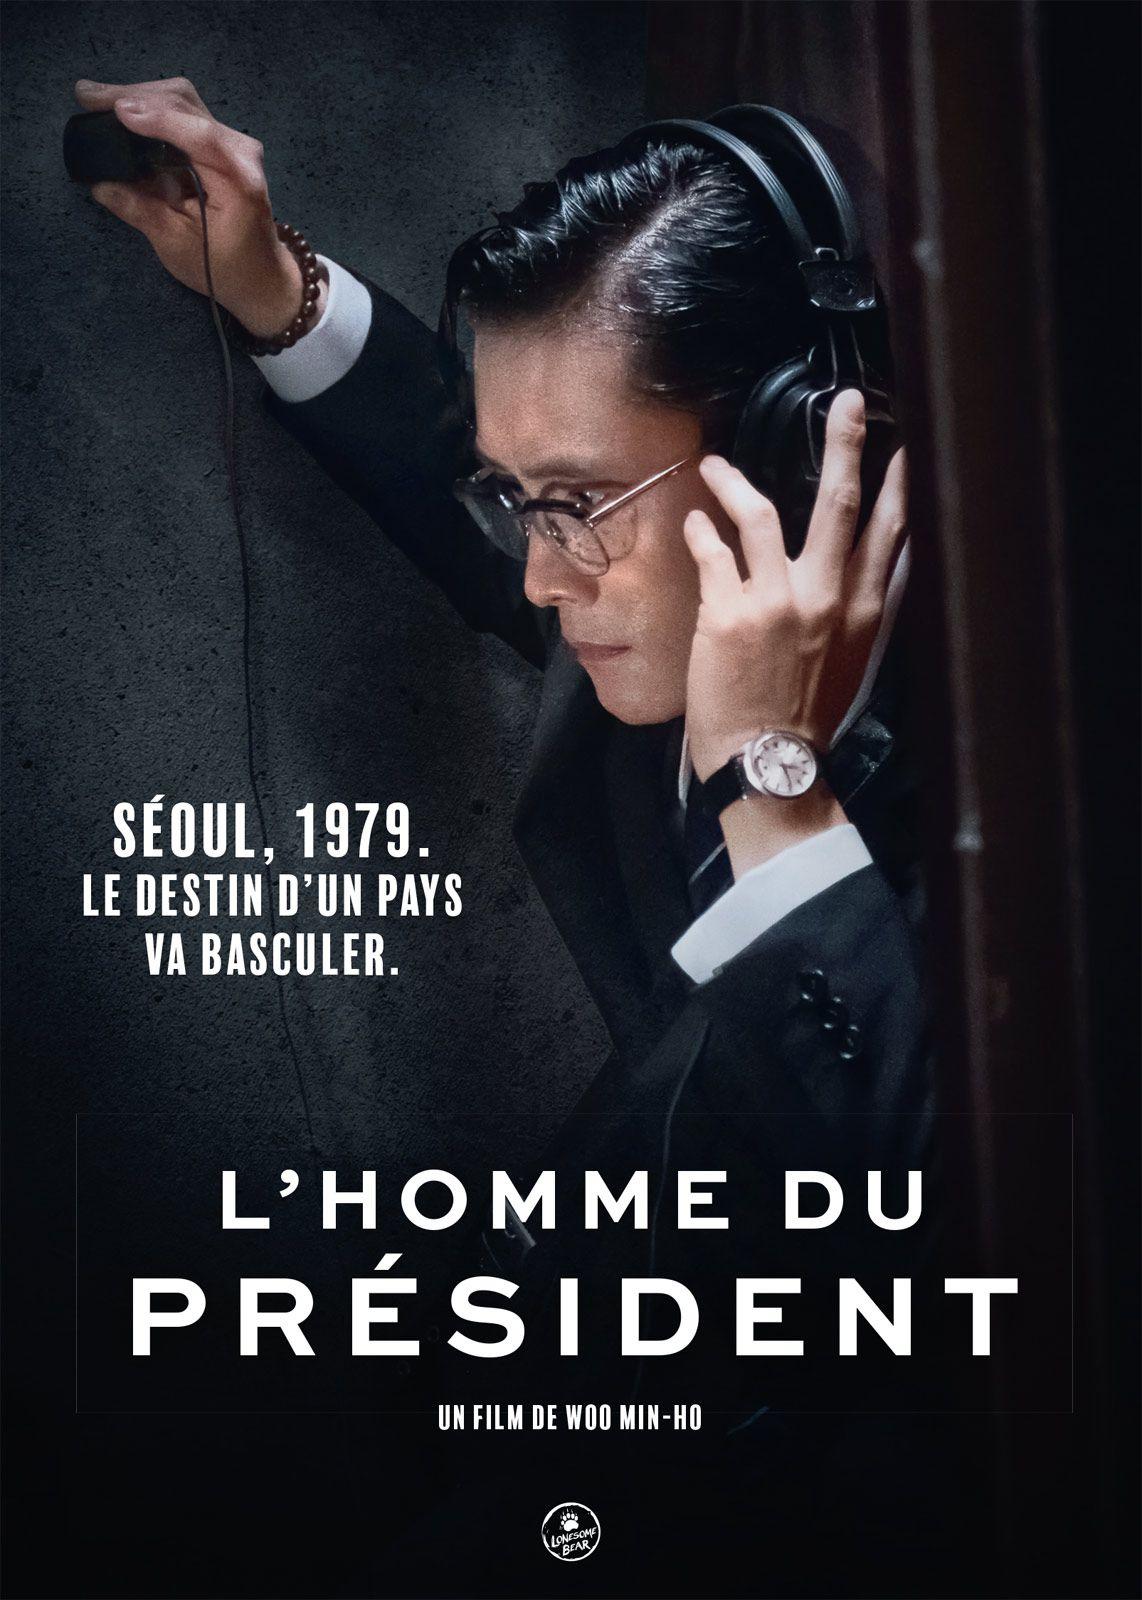 L'Homme du président - Film (2020)